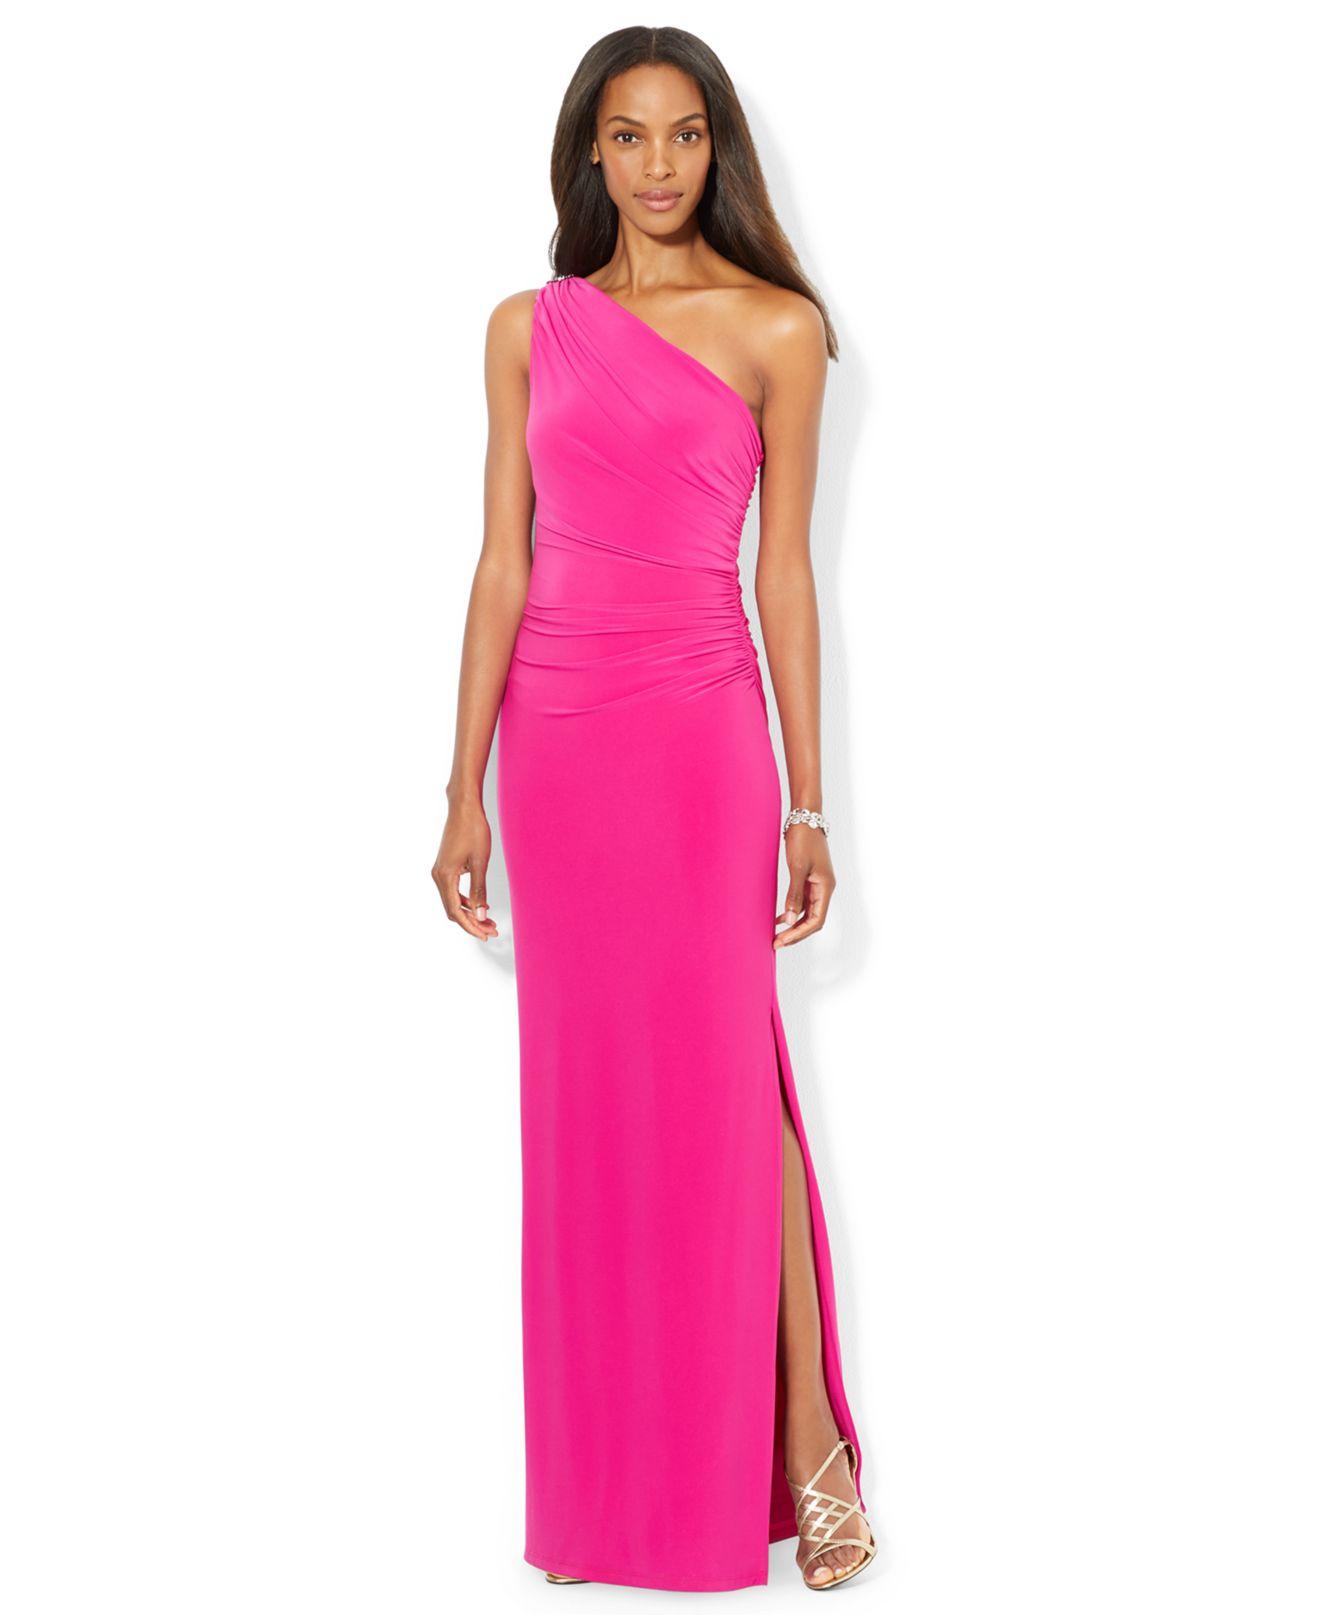 Lyst - Lauren By Ralph Lauren One-Shoulder Evening Gown in Pink